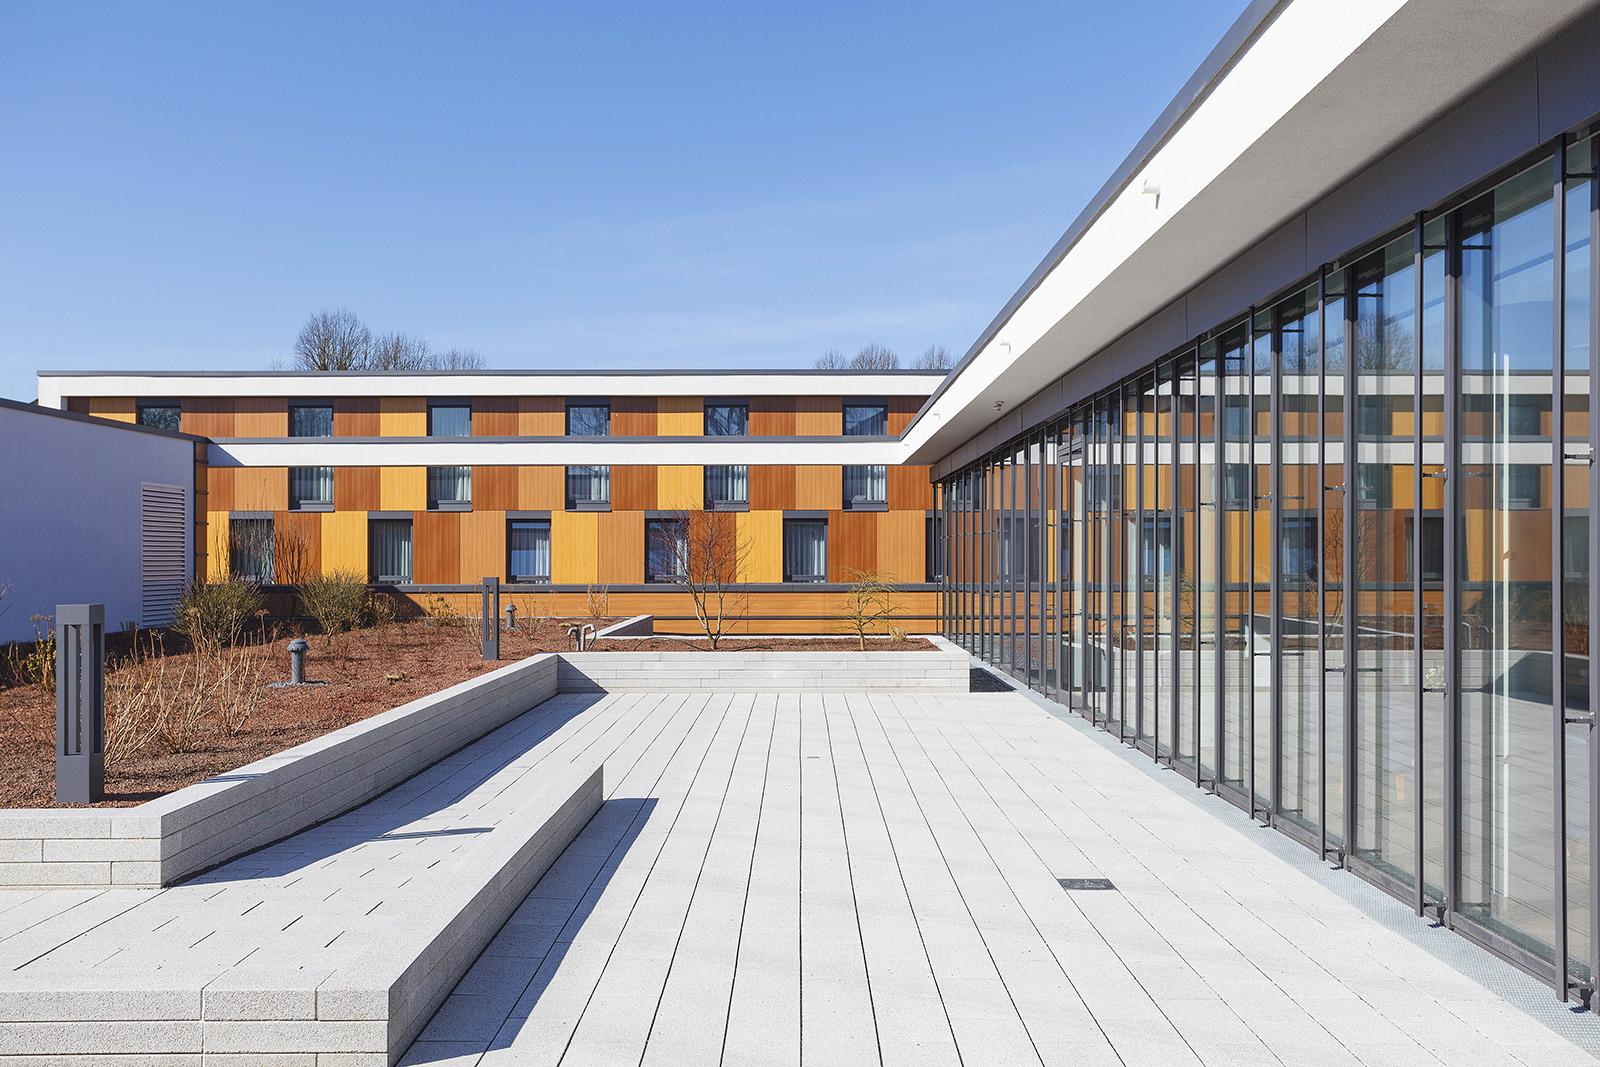 Hotel Franz, Essen, Architektur: Nattler Architekten, Essen, Fotograf: Michael Rasche, Dortmund,